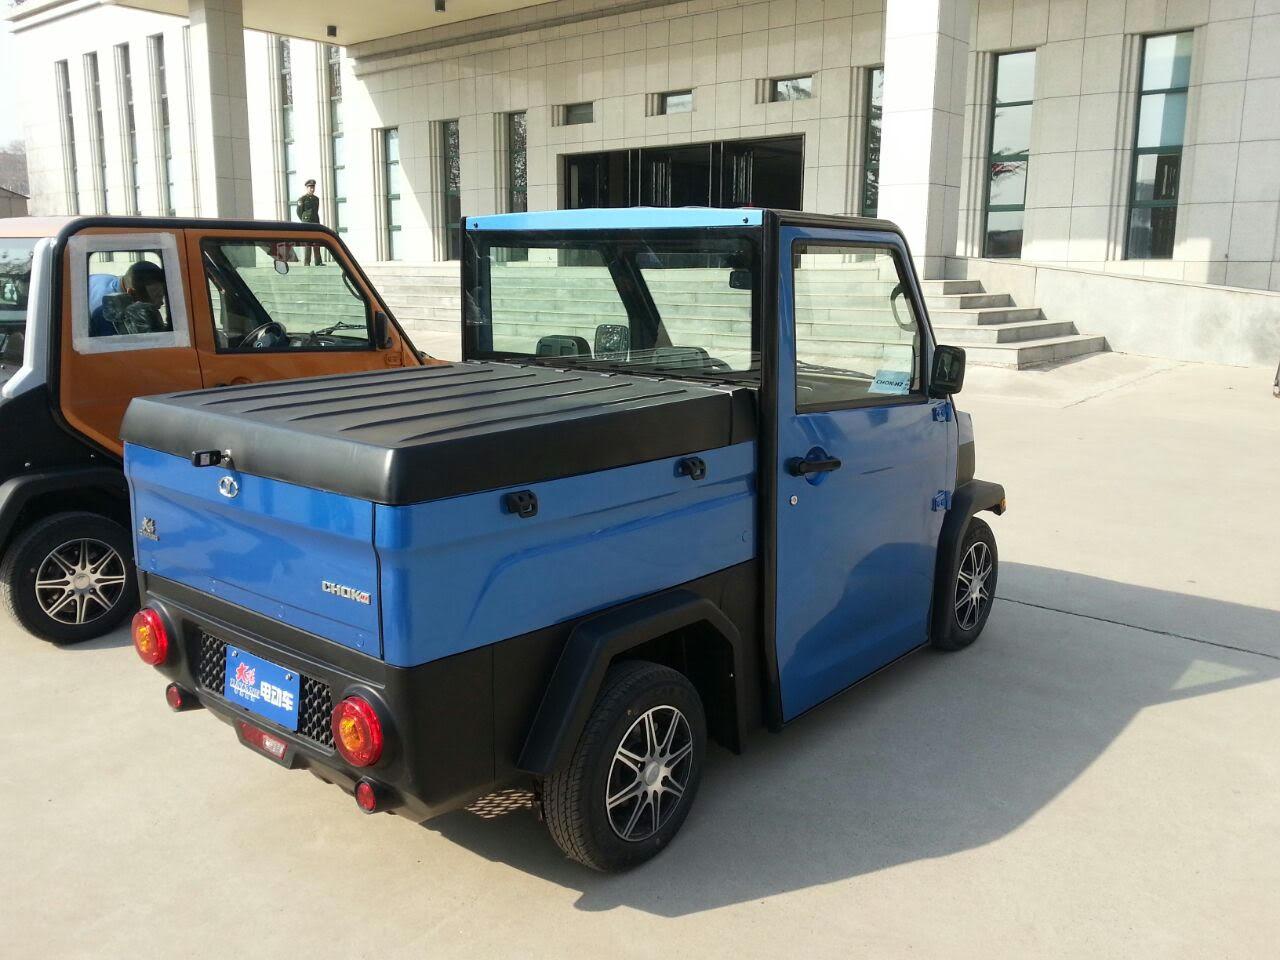 COHK H בצבע כחול- רכב תפעולי מתקדם